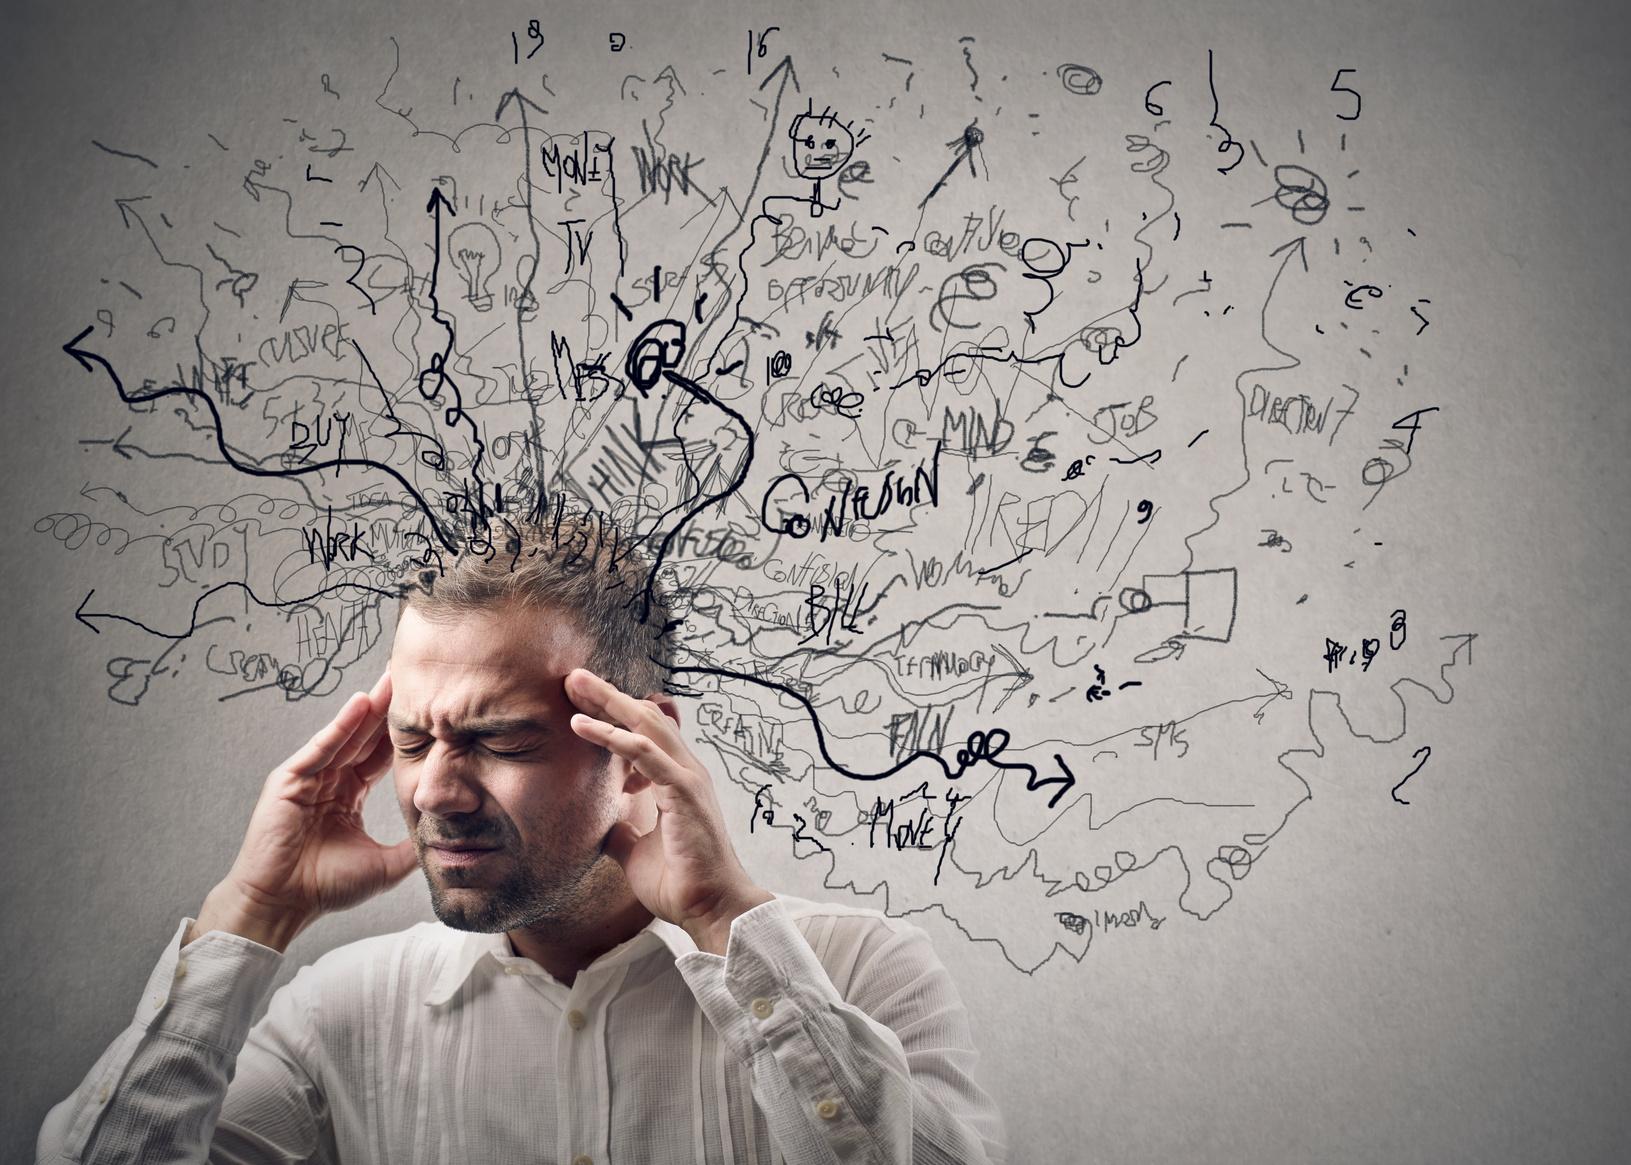 Cegah Karyawan Burnout di Tempat Kerja Dengan 5 Cara Ini